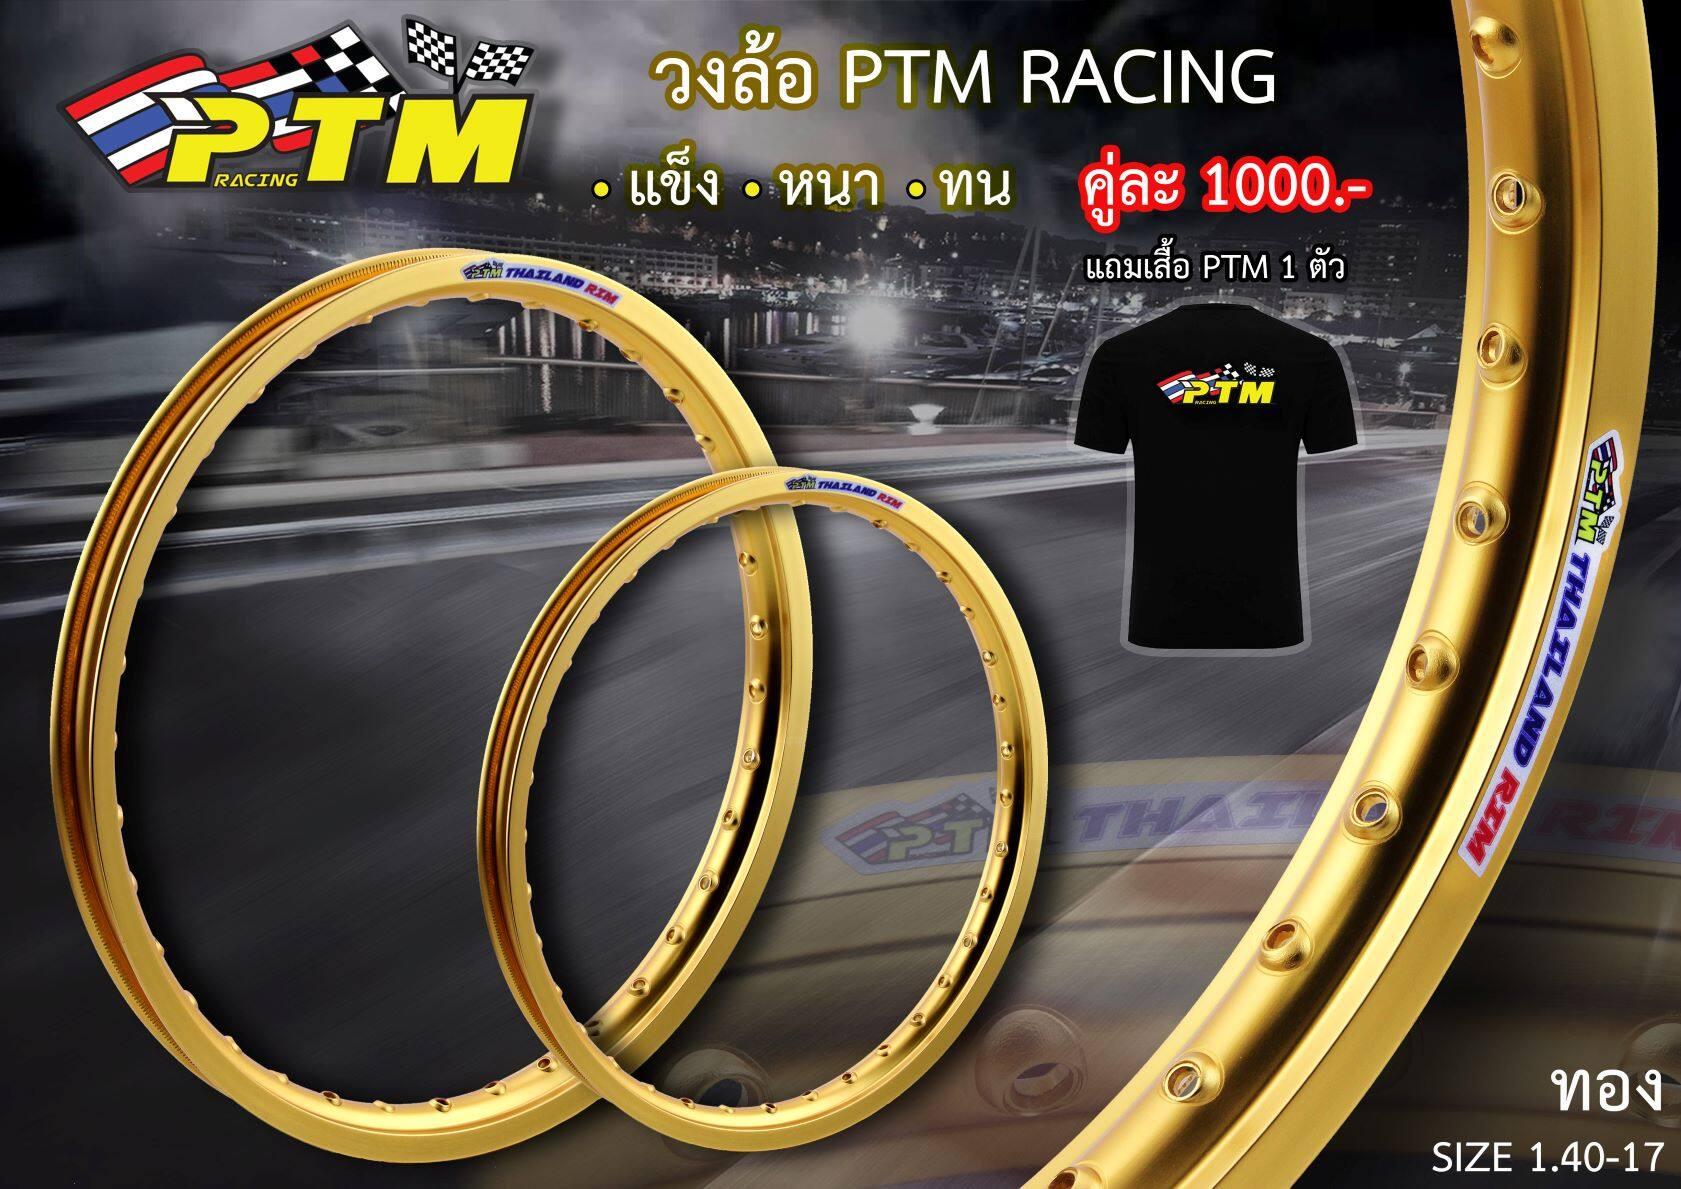 ซื้อที่ไหน วงล้อ PTM Racing 1.4-17 แข็ง-หนา-ทน สีไม่ซีด แถมเสื้อฟรี 1 ตัว l PTM Racing